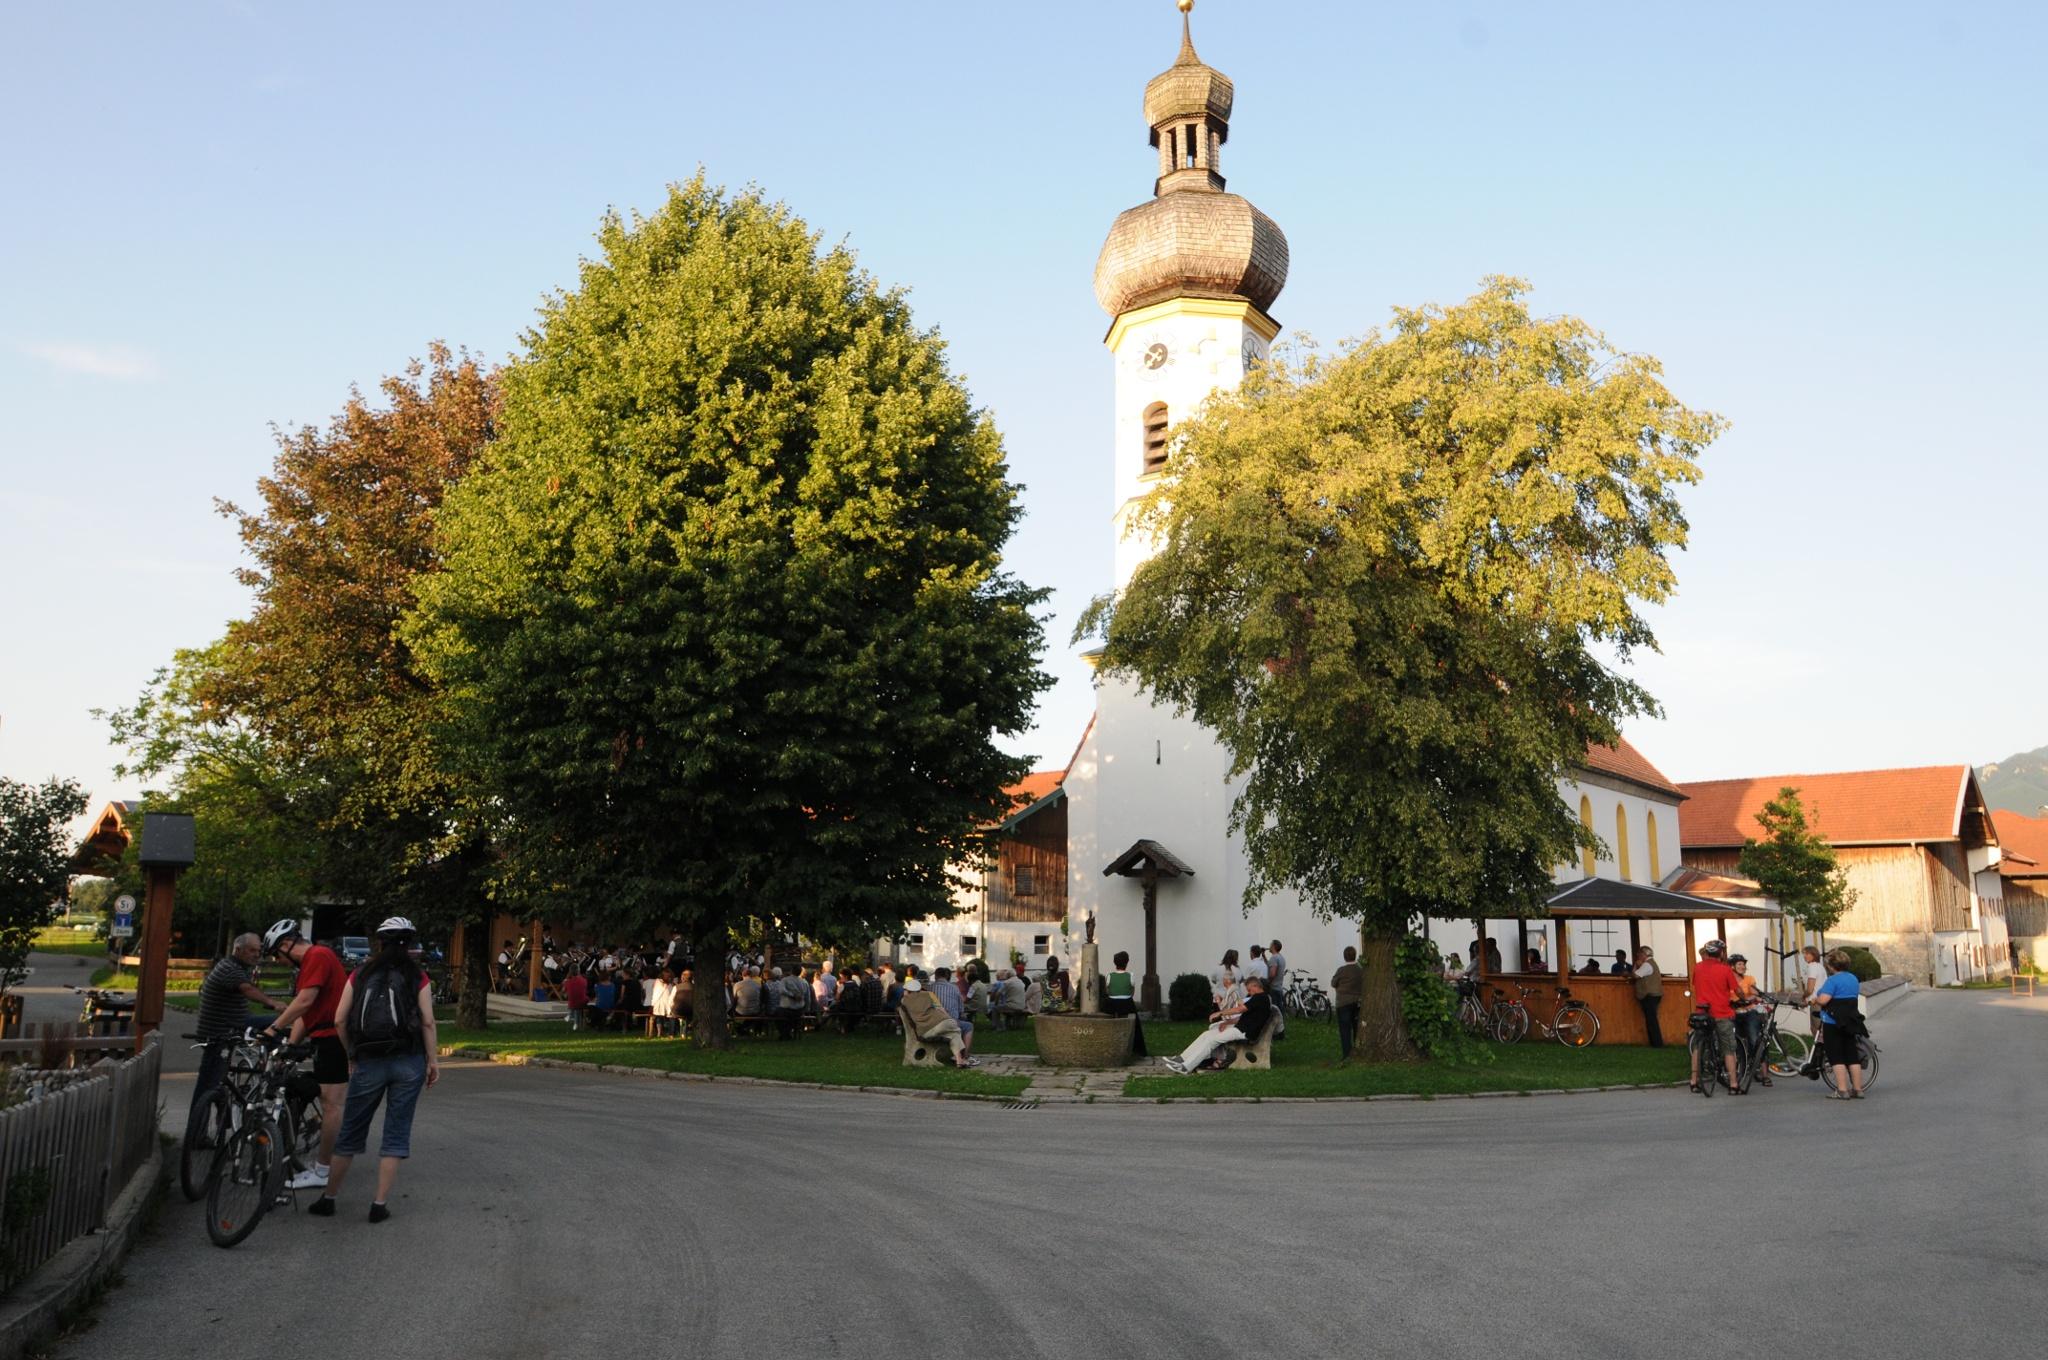 Rottau um Chiemgau